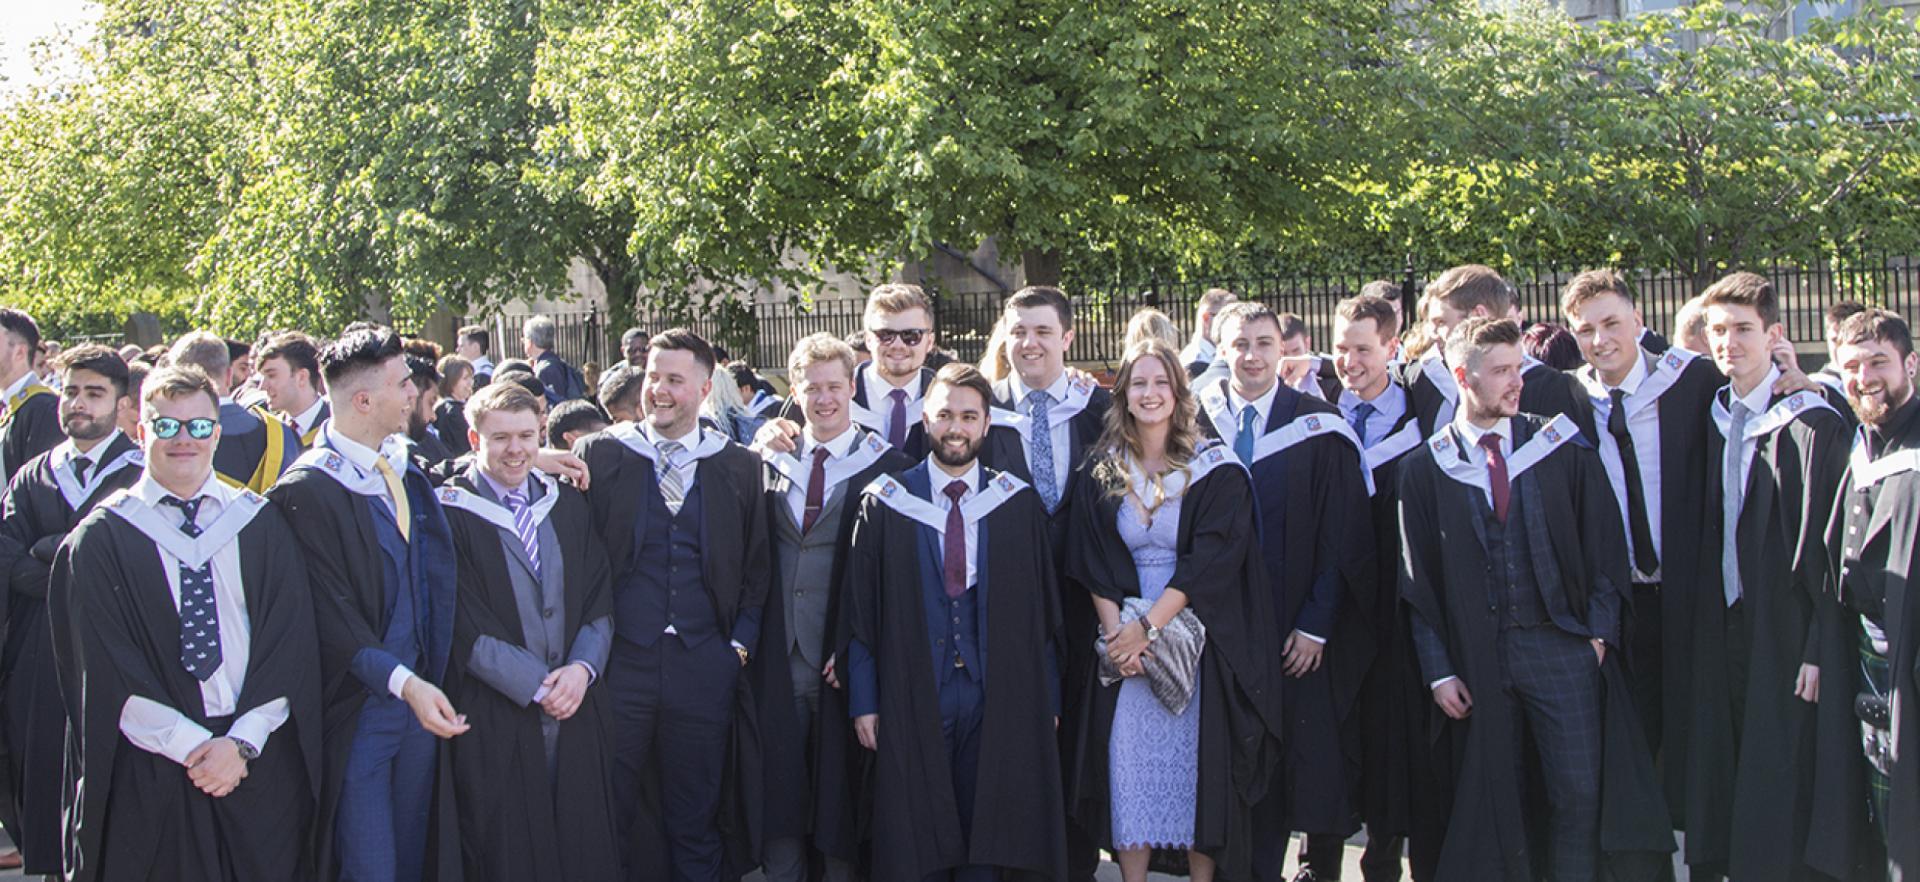 Summer Graduation 2019